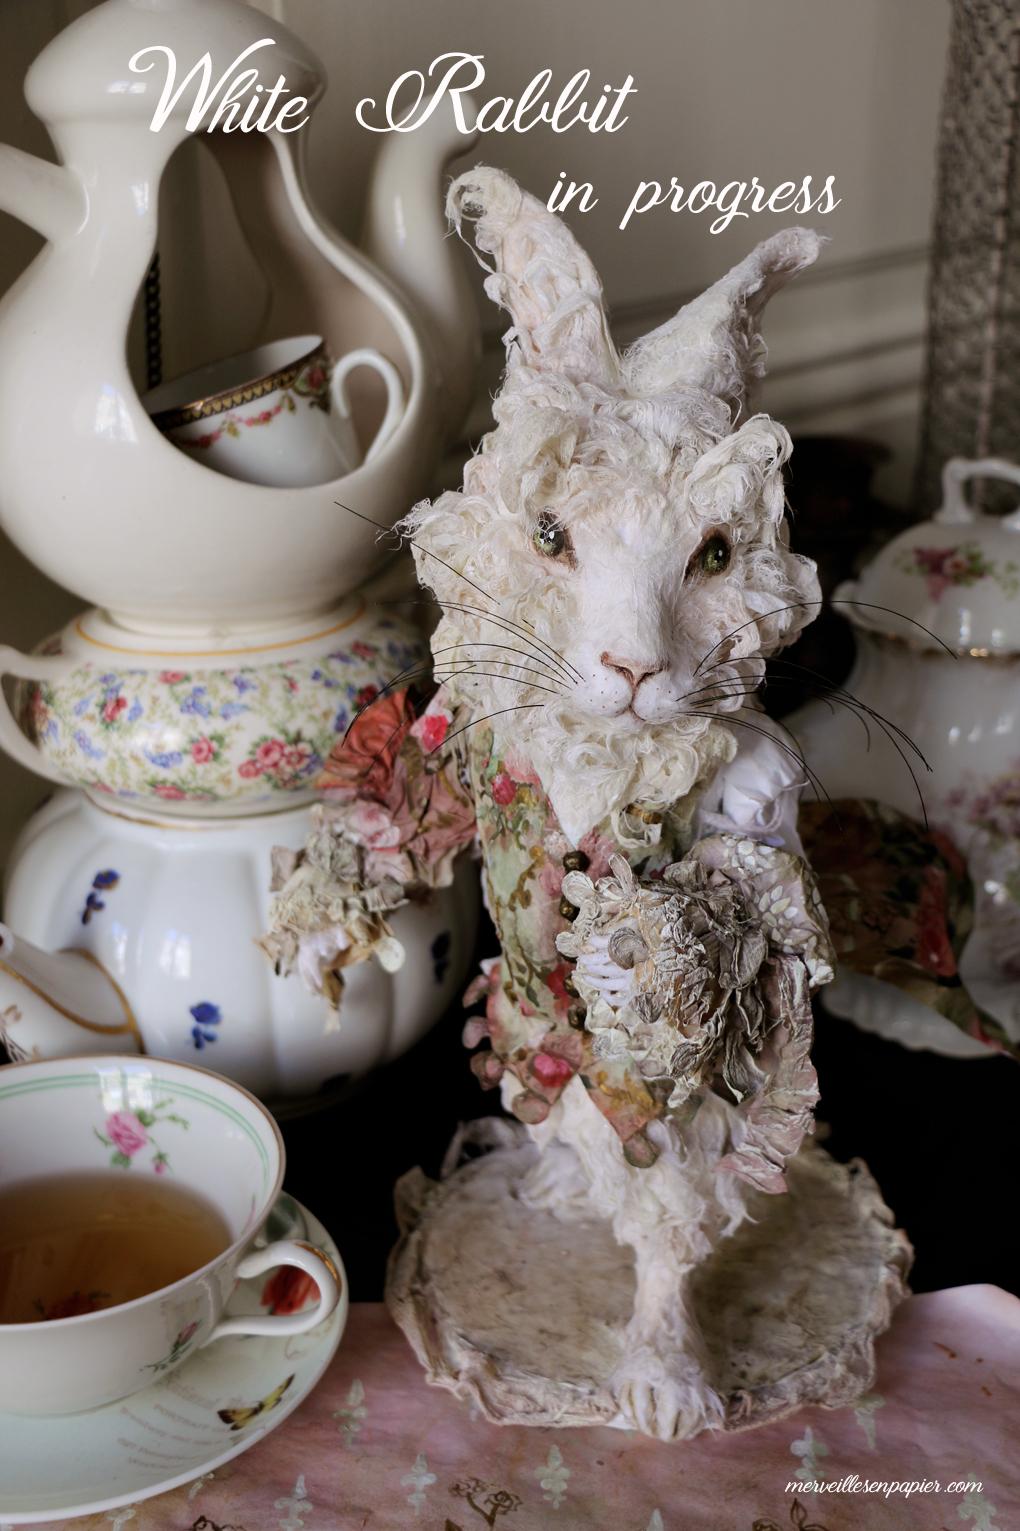 White Rabbit in progress